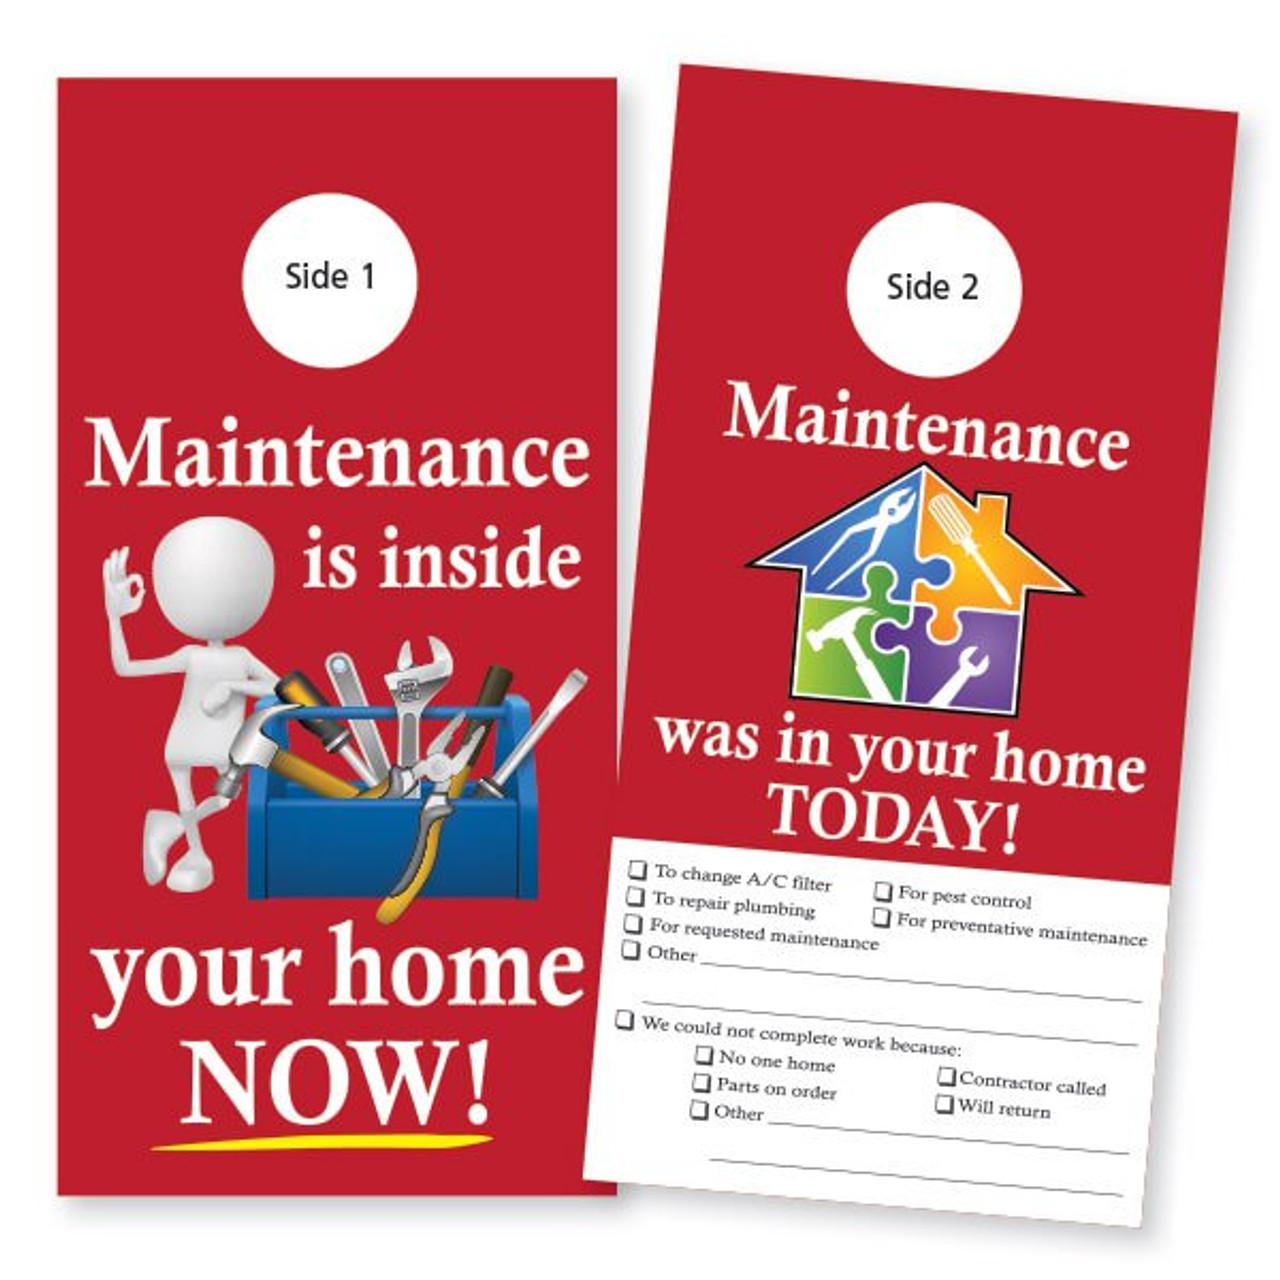 Maintenance Door Hanger with Checklist: Red